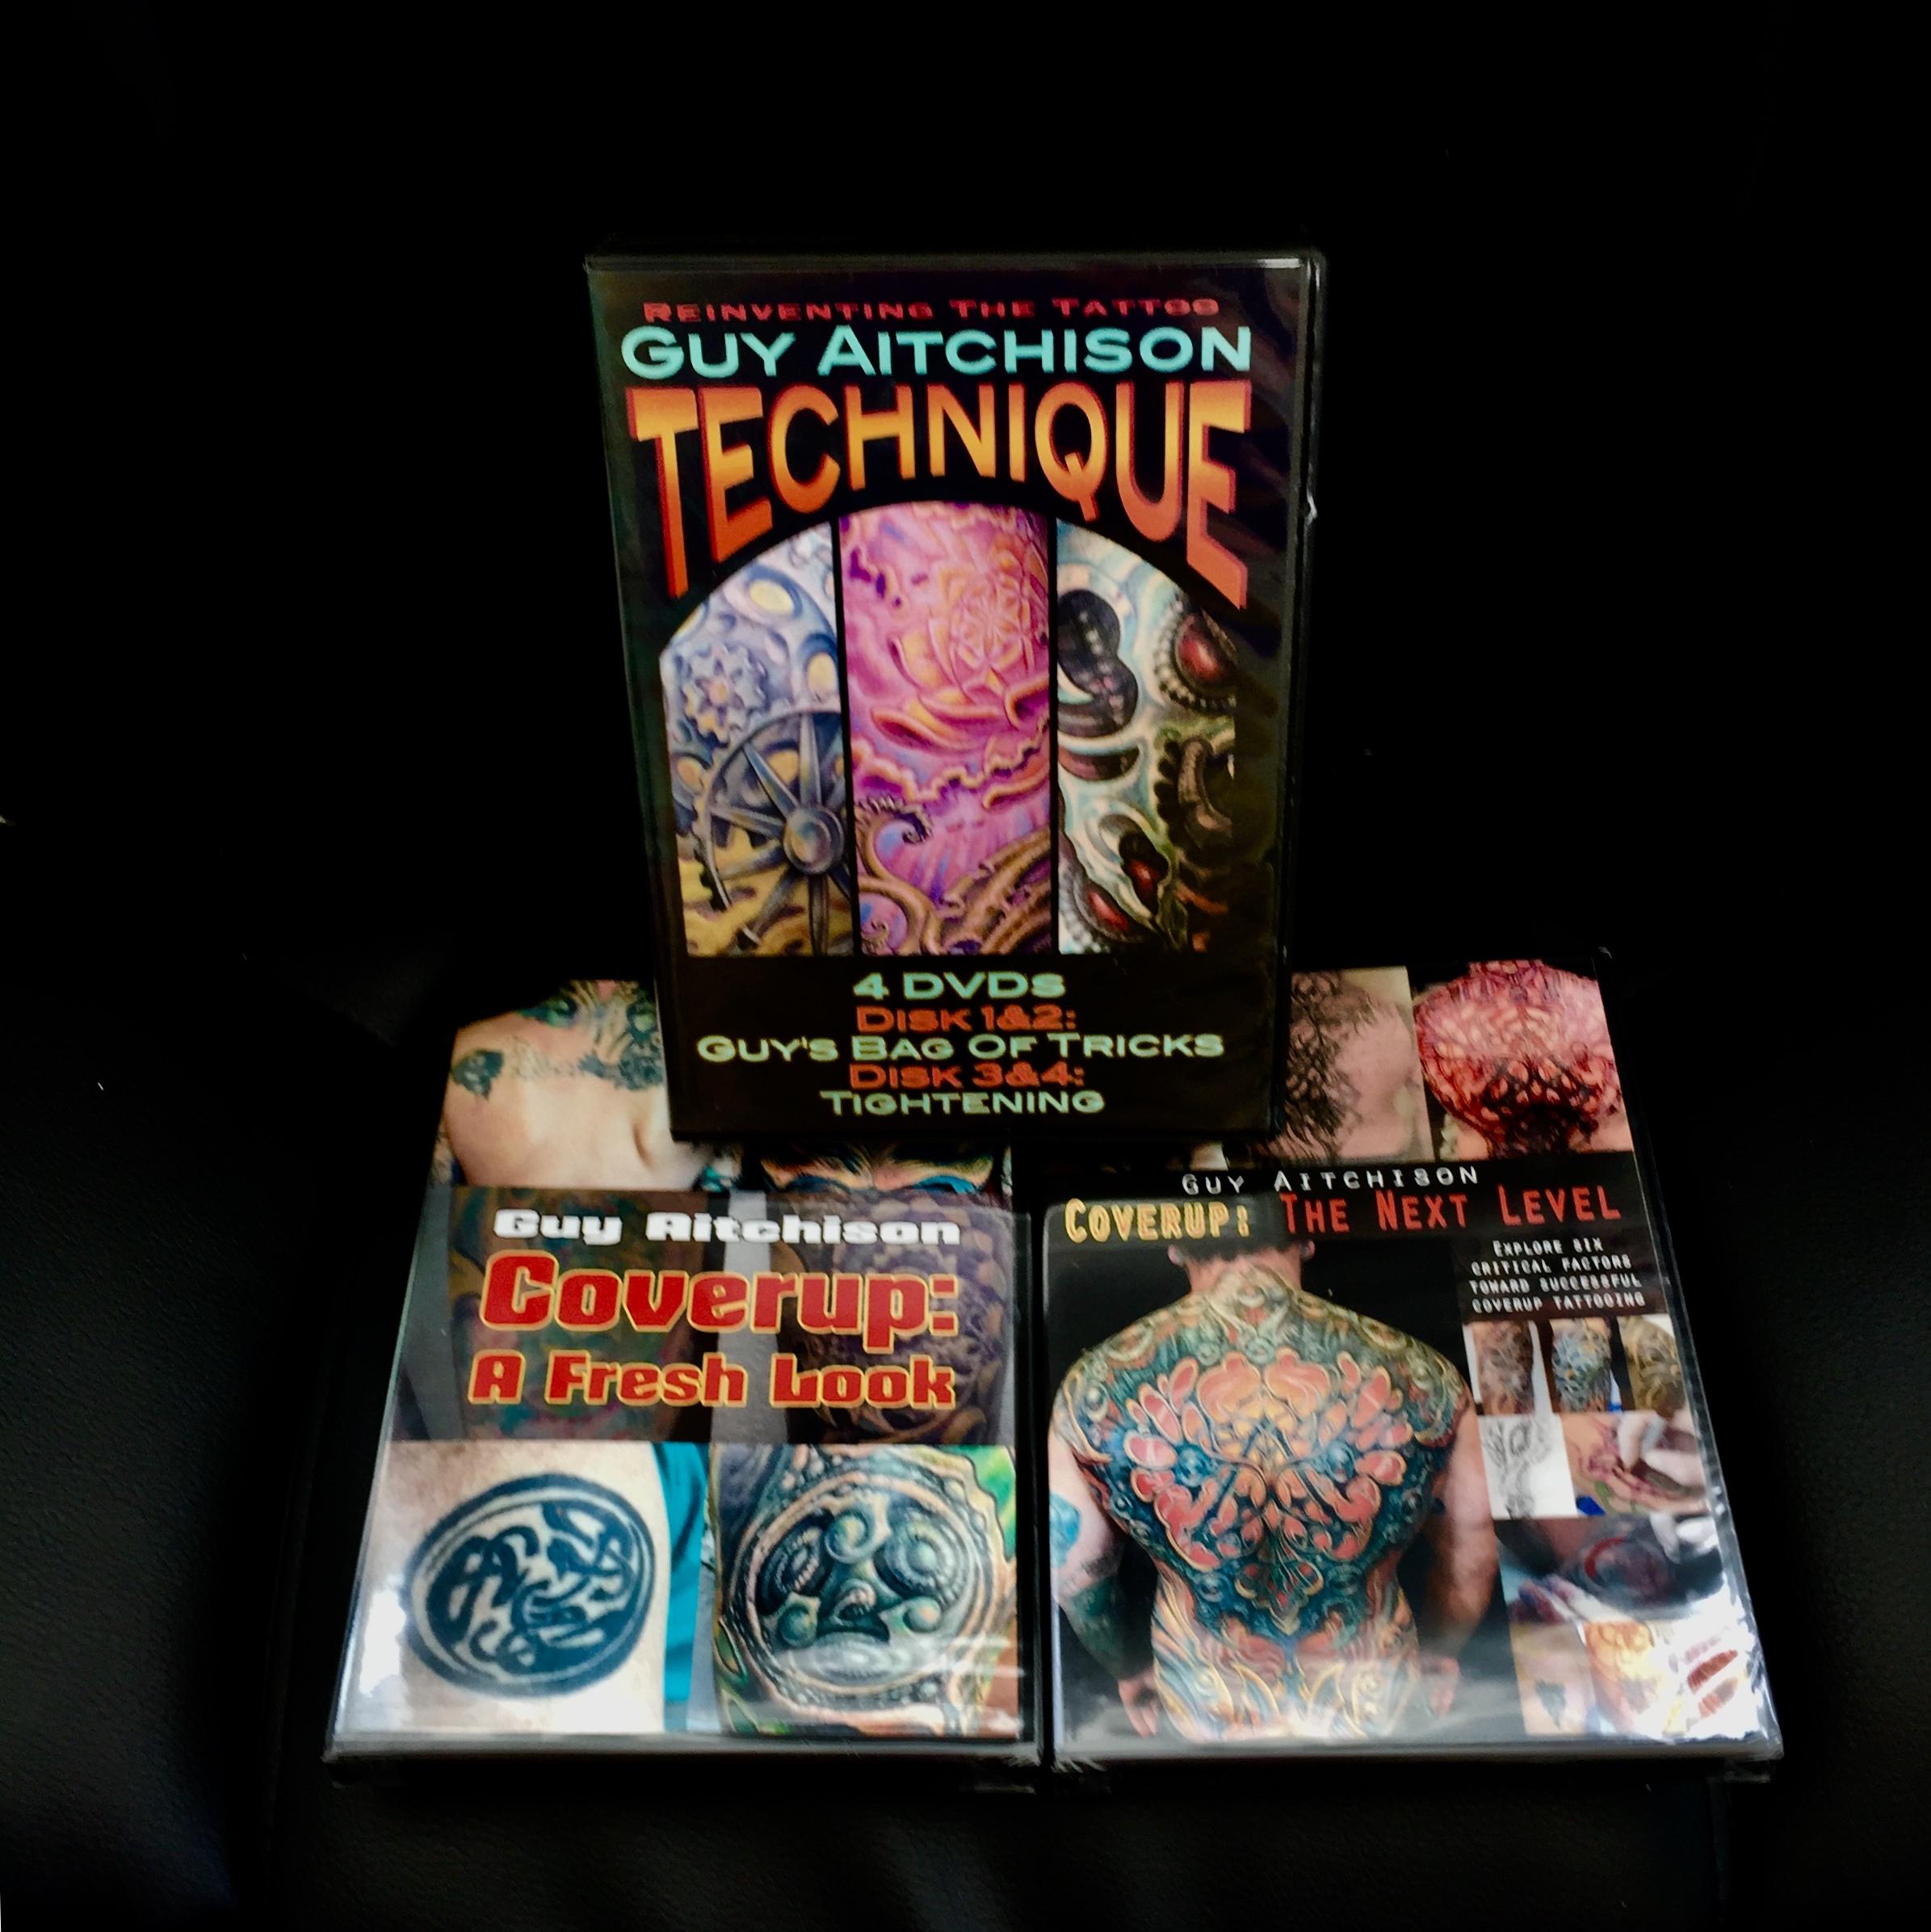 Technique / Coverup - Combo